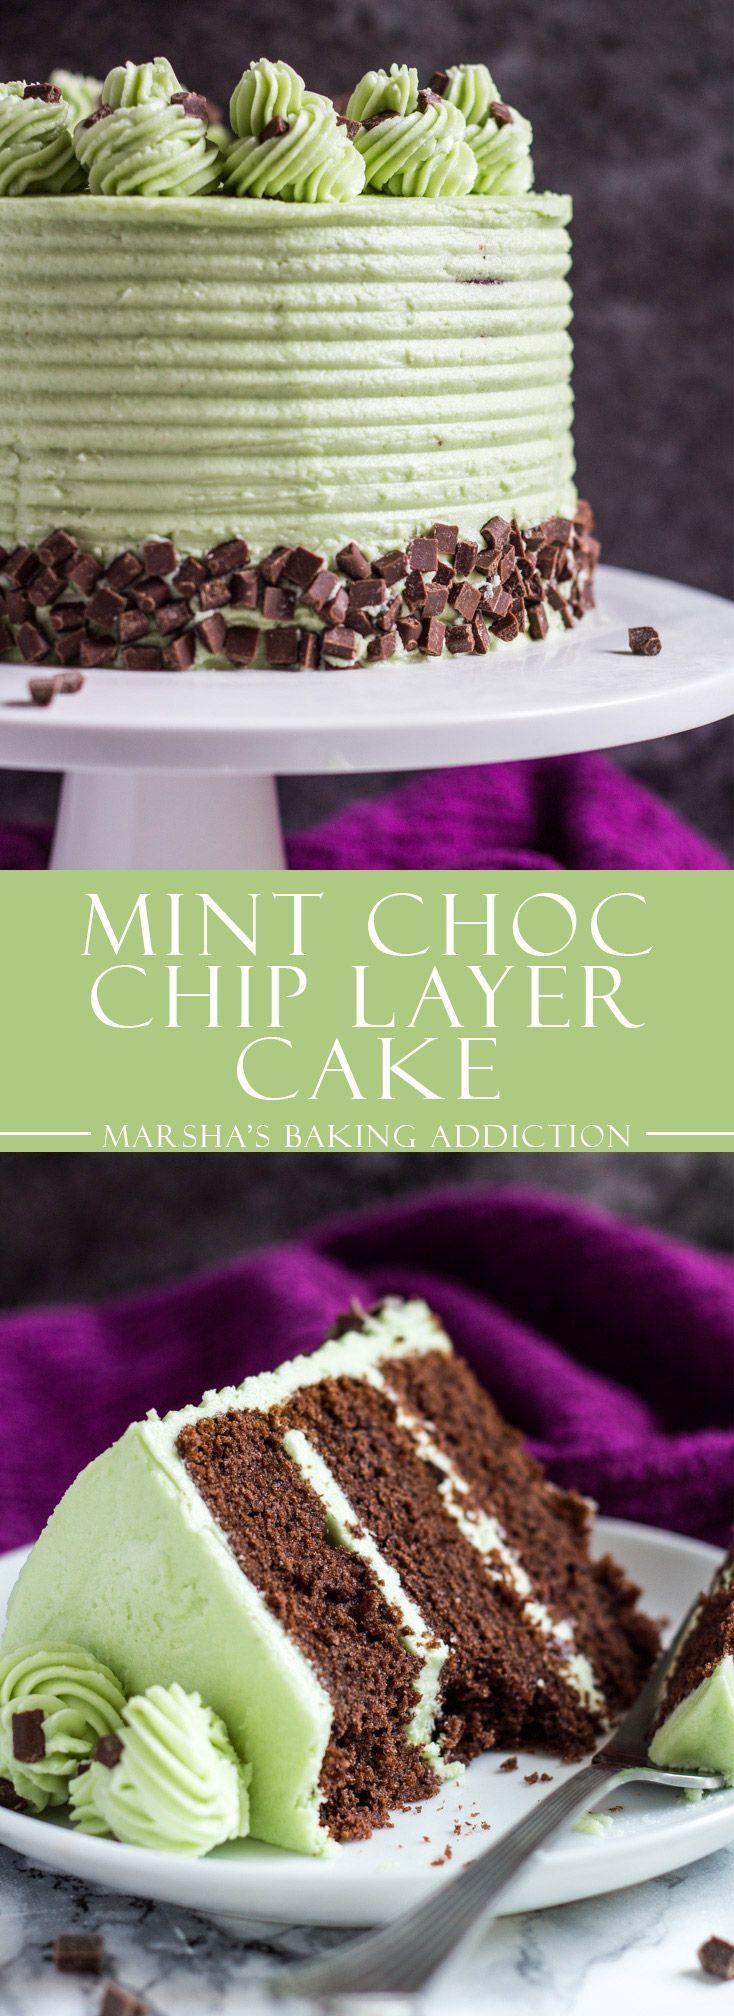 Mint Chocolate Chip Layer Cake   http://marshasbakingaddiction.com /marshasbakeblog/